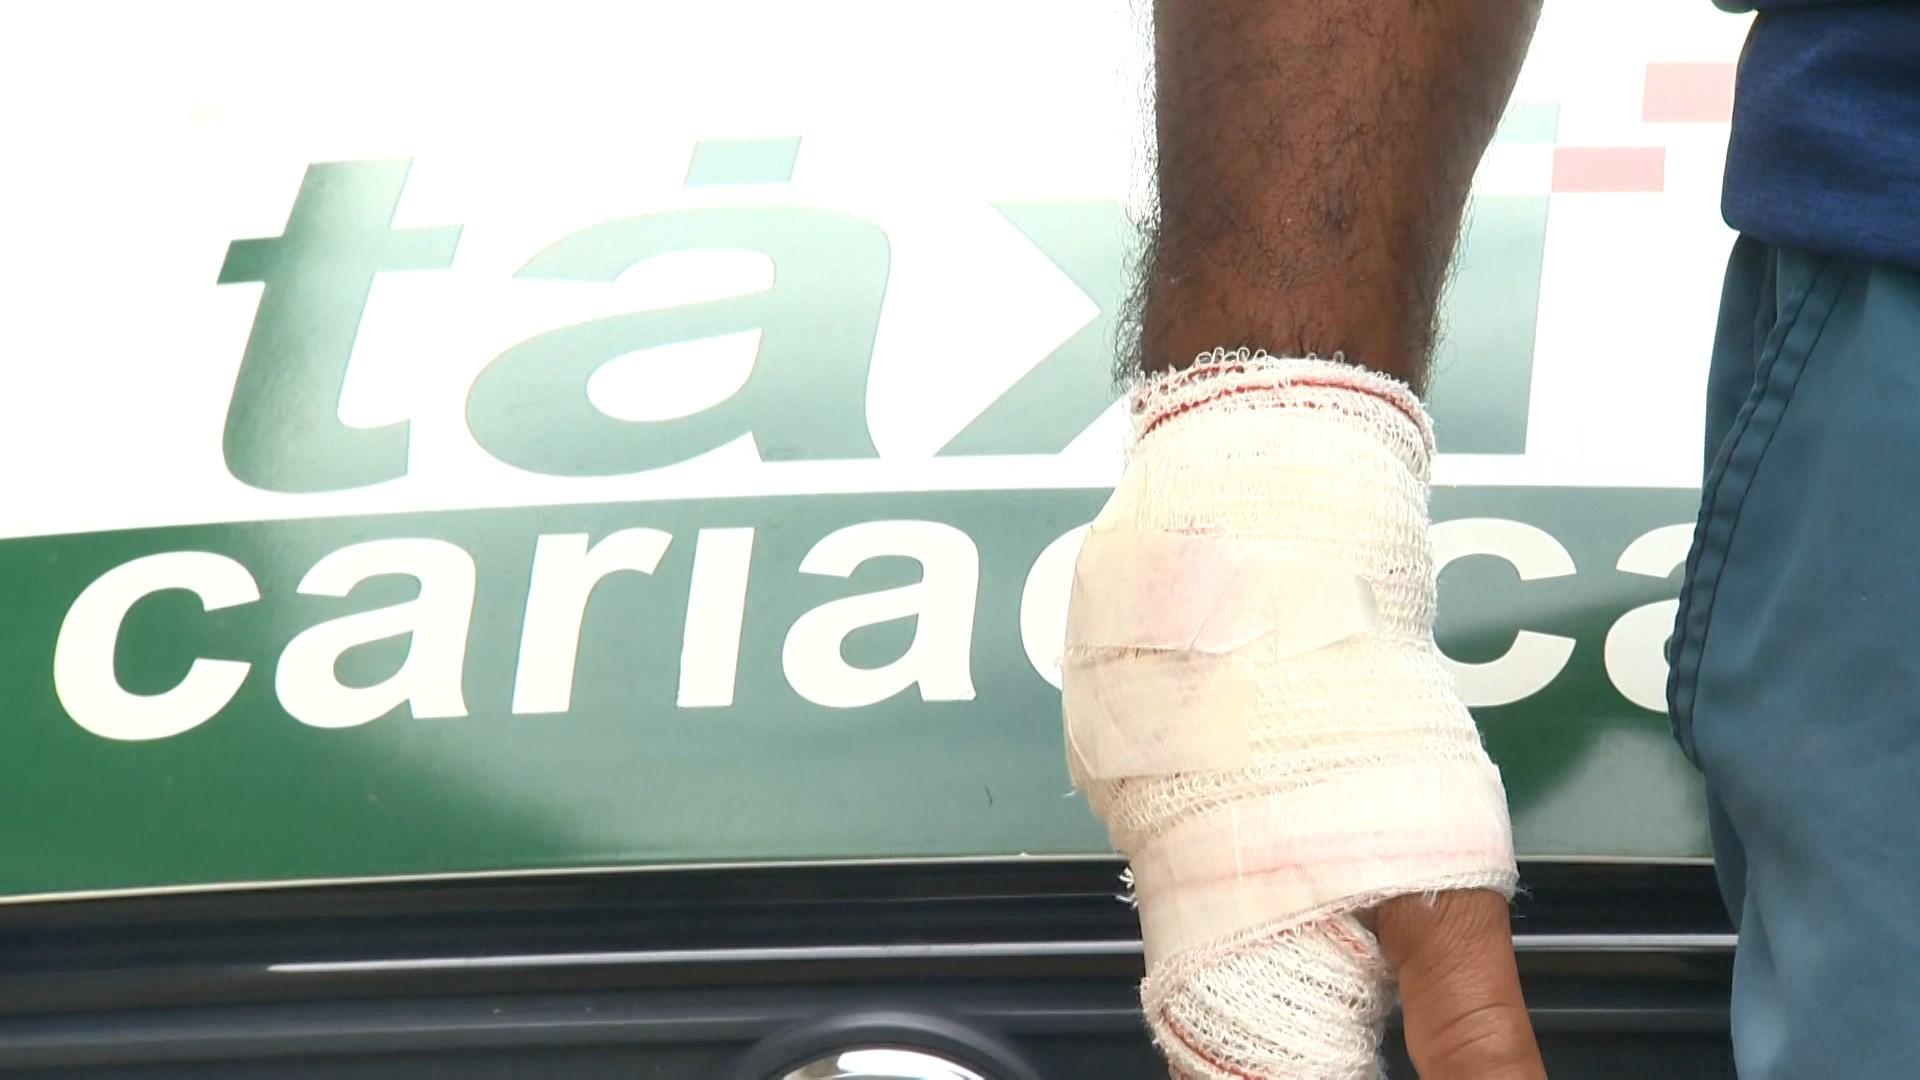 Taxista é baleado na mão durante tentativa de assalto em Cariacica, ES